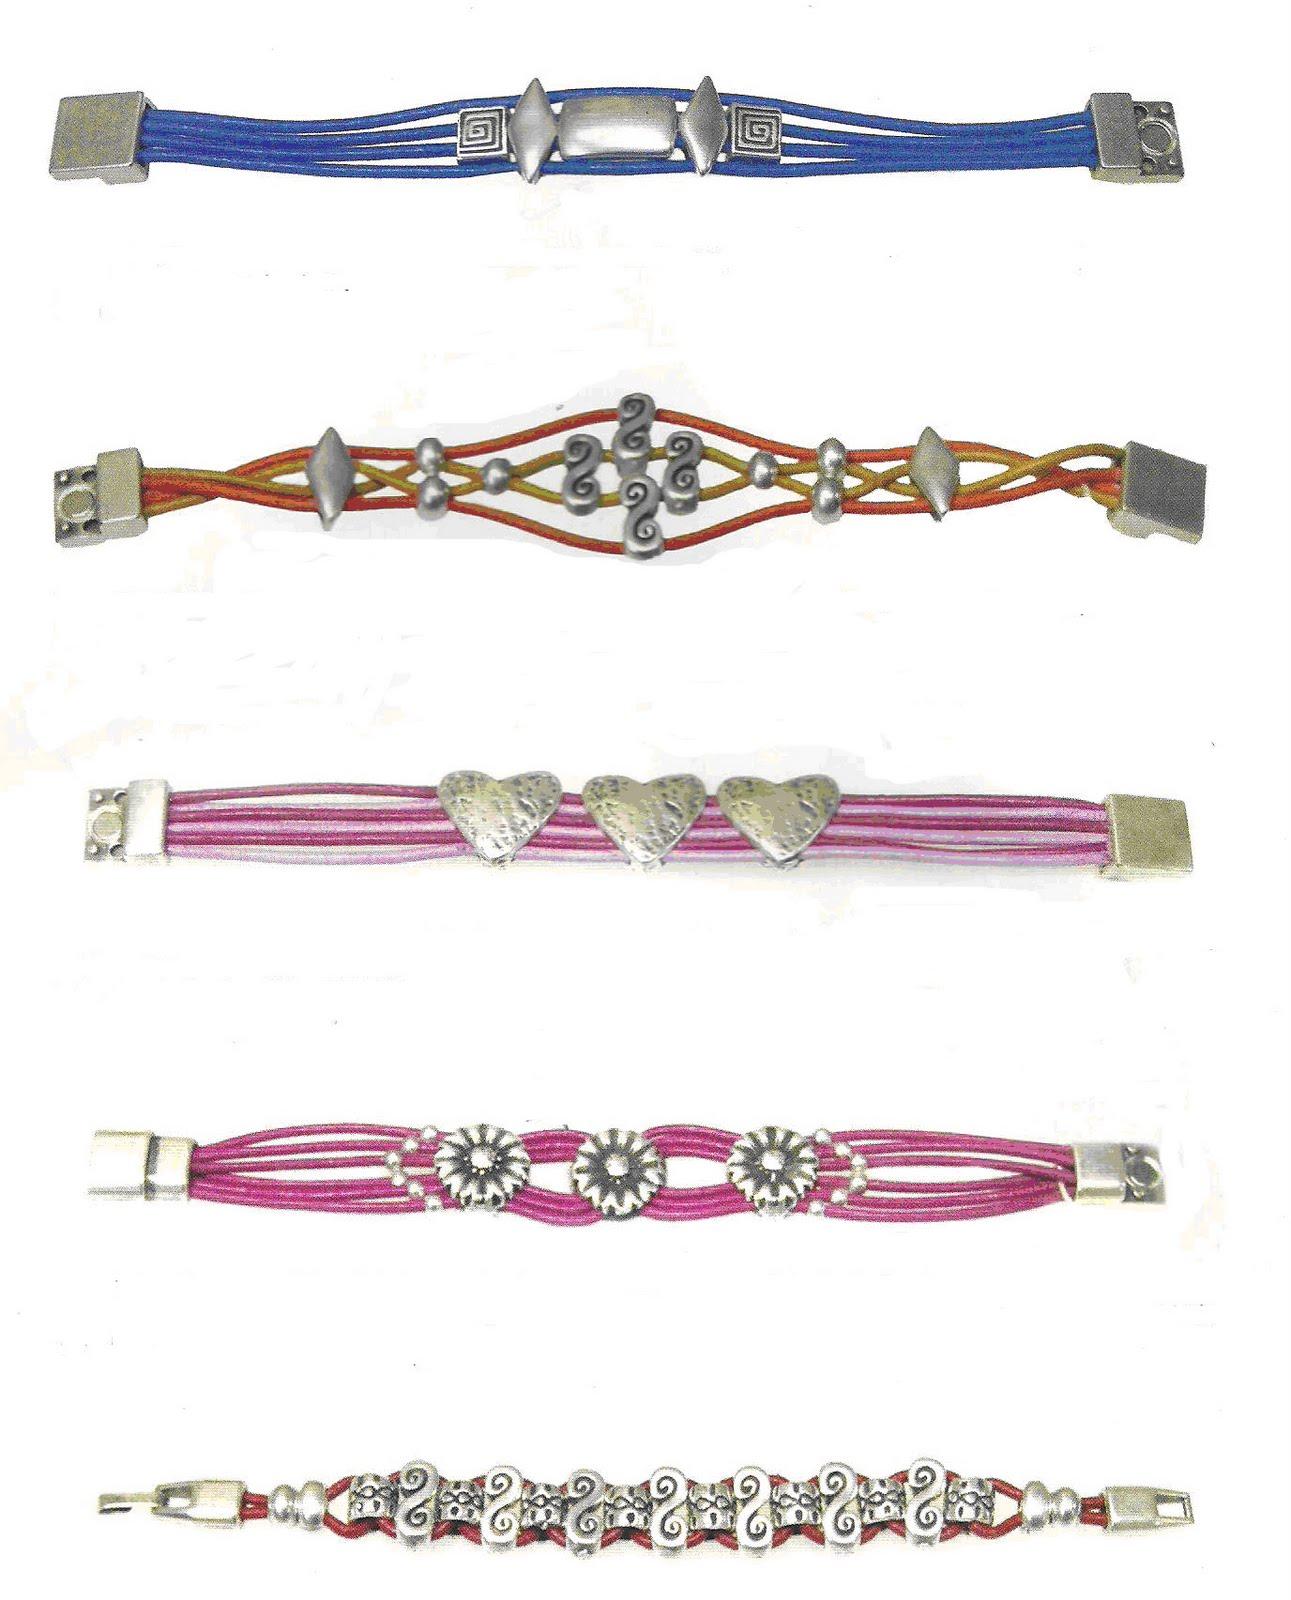 aqu os dejo nuevos ejemplos de pulseras realizadas con entrepiezas de zamak son muy fciles de hacer y quedan muy bonitas y elegantes